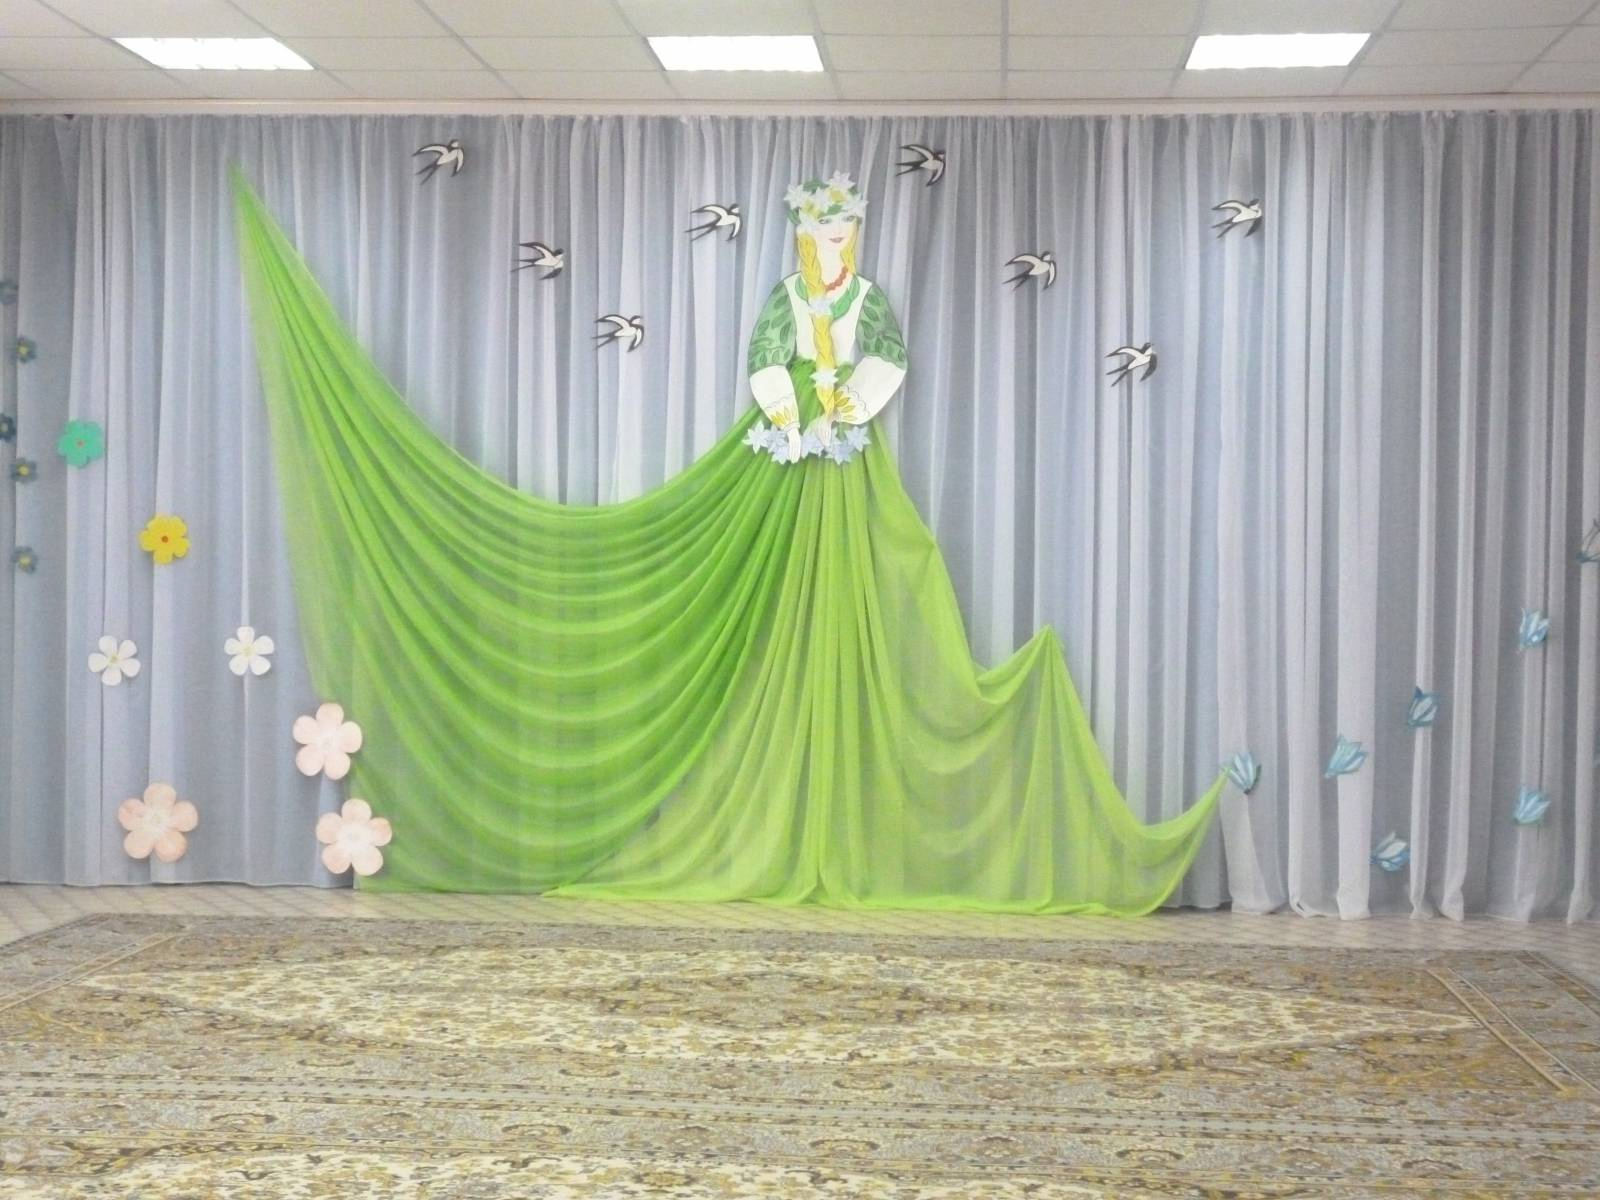 Фото украшение сцены из ткани